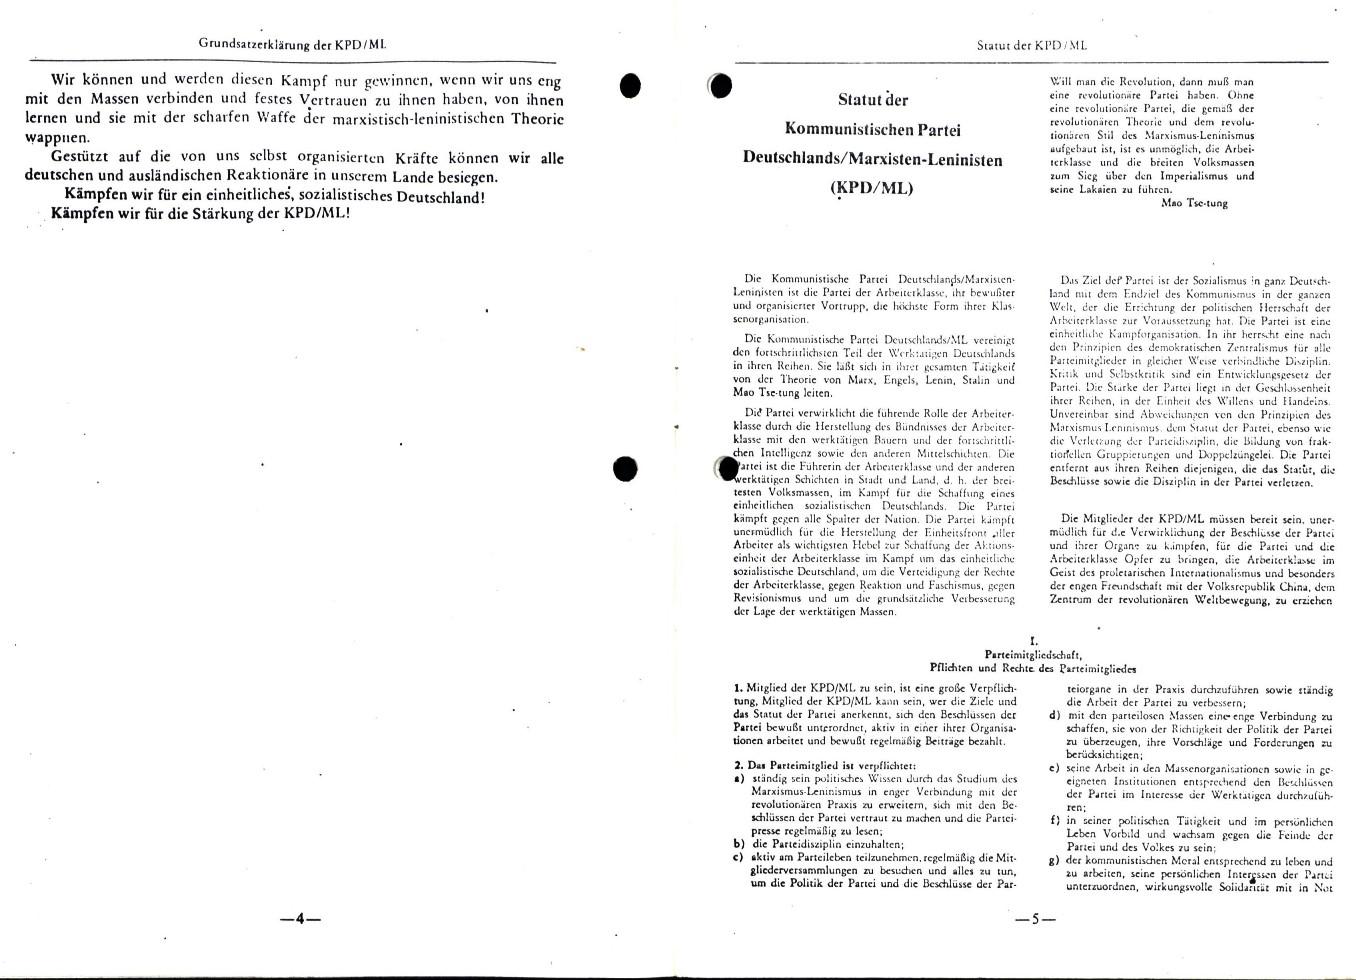 KPDML_1976_Dokumente_zur_Gruendung_04